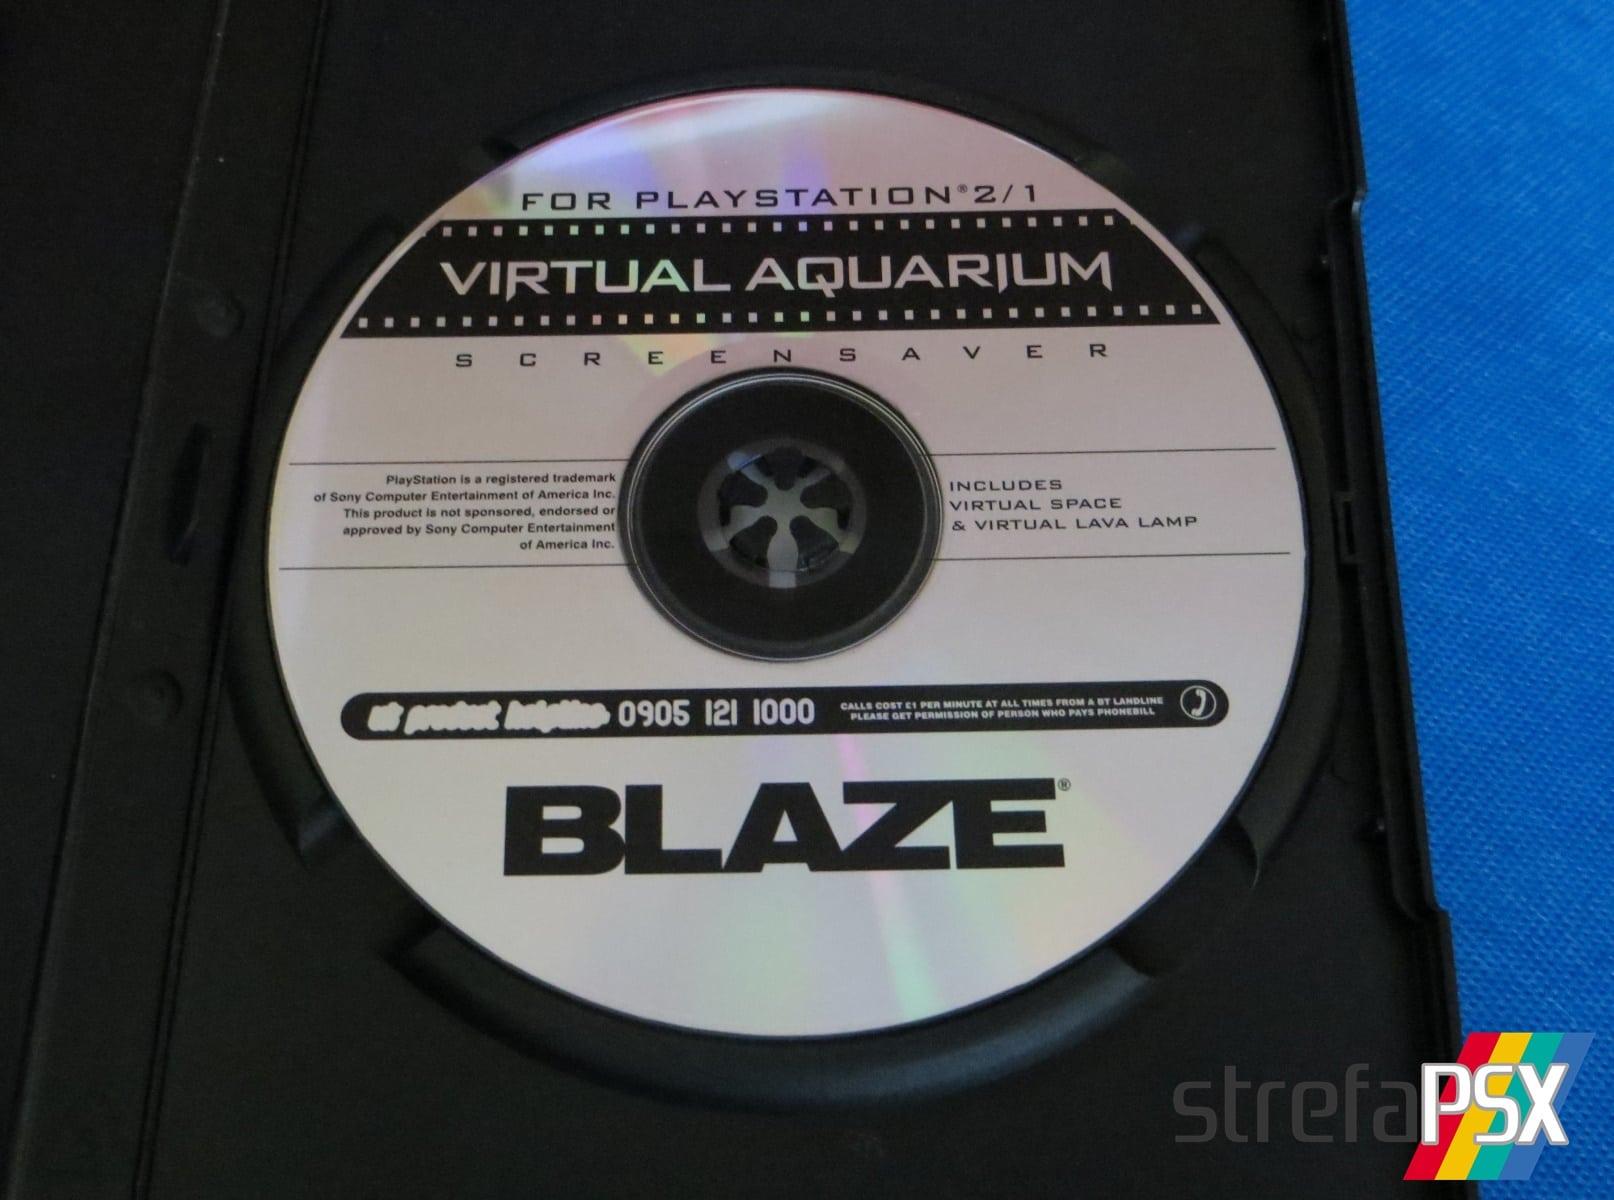 nieoficjalne gry psx 2 - Nieoficjalne oprogramowanie na PlayStation